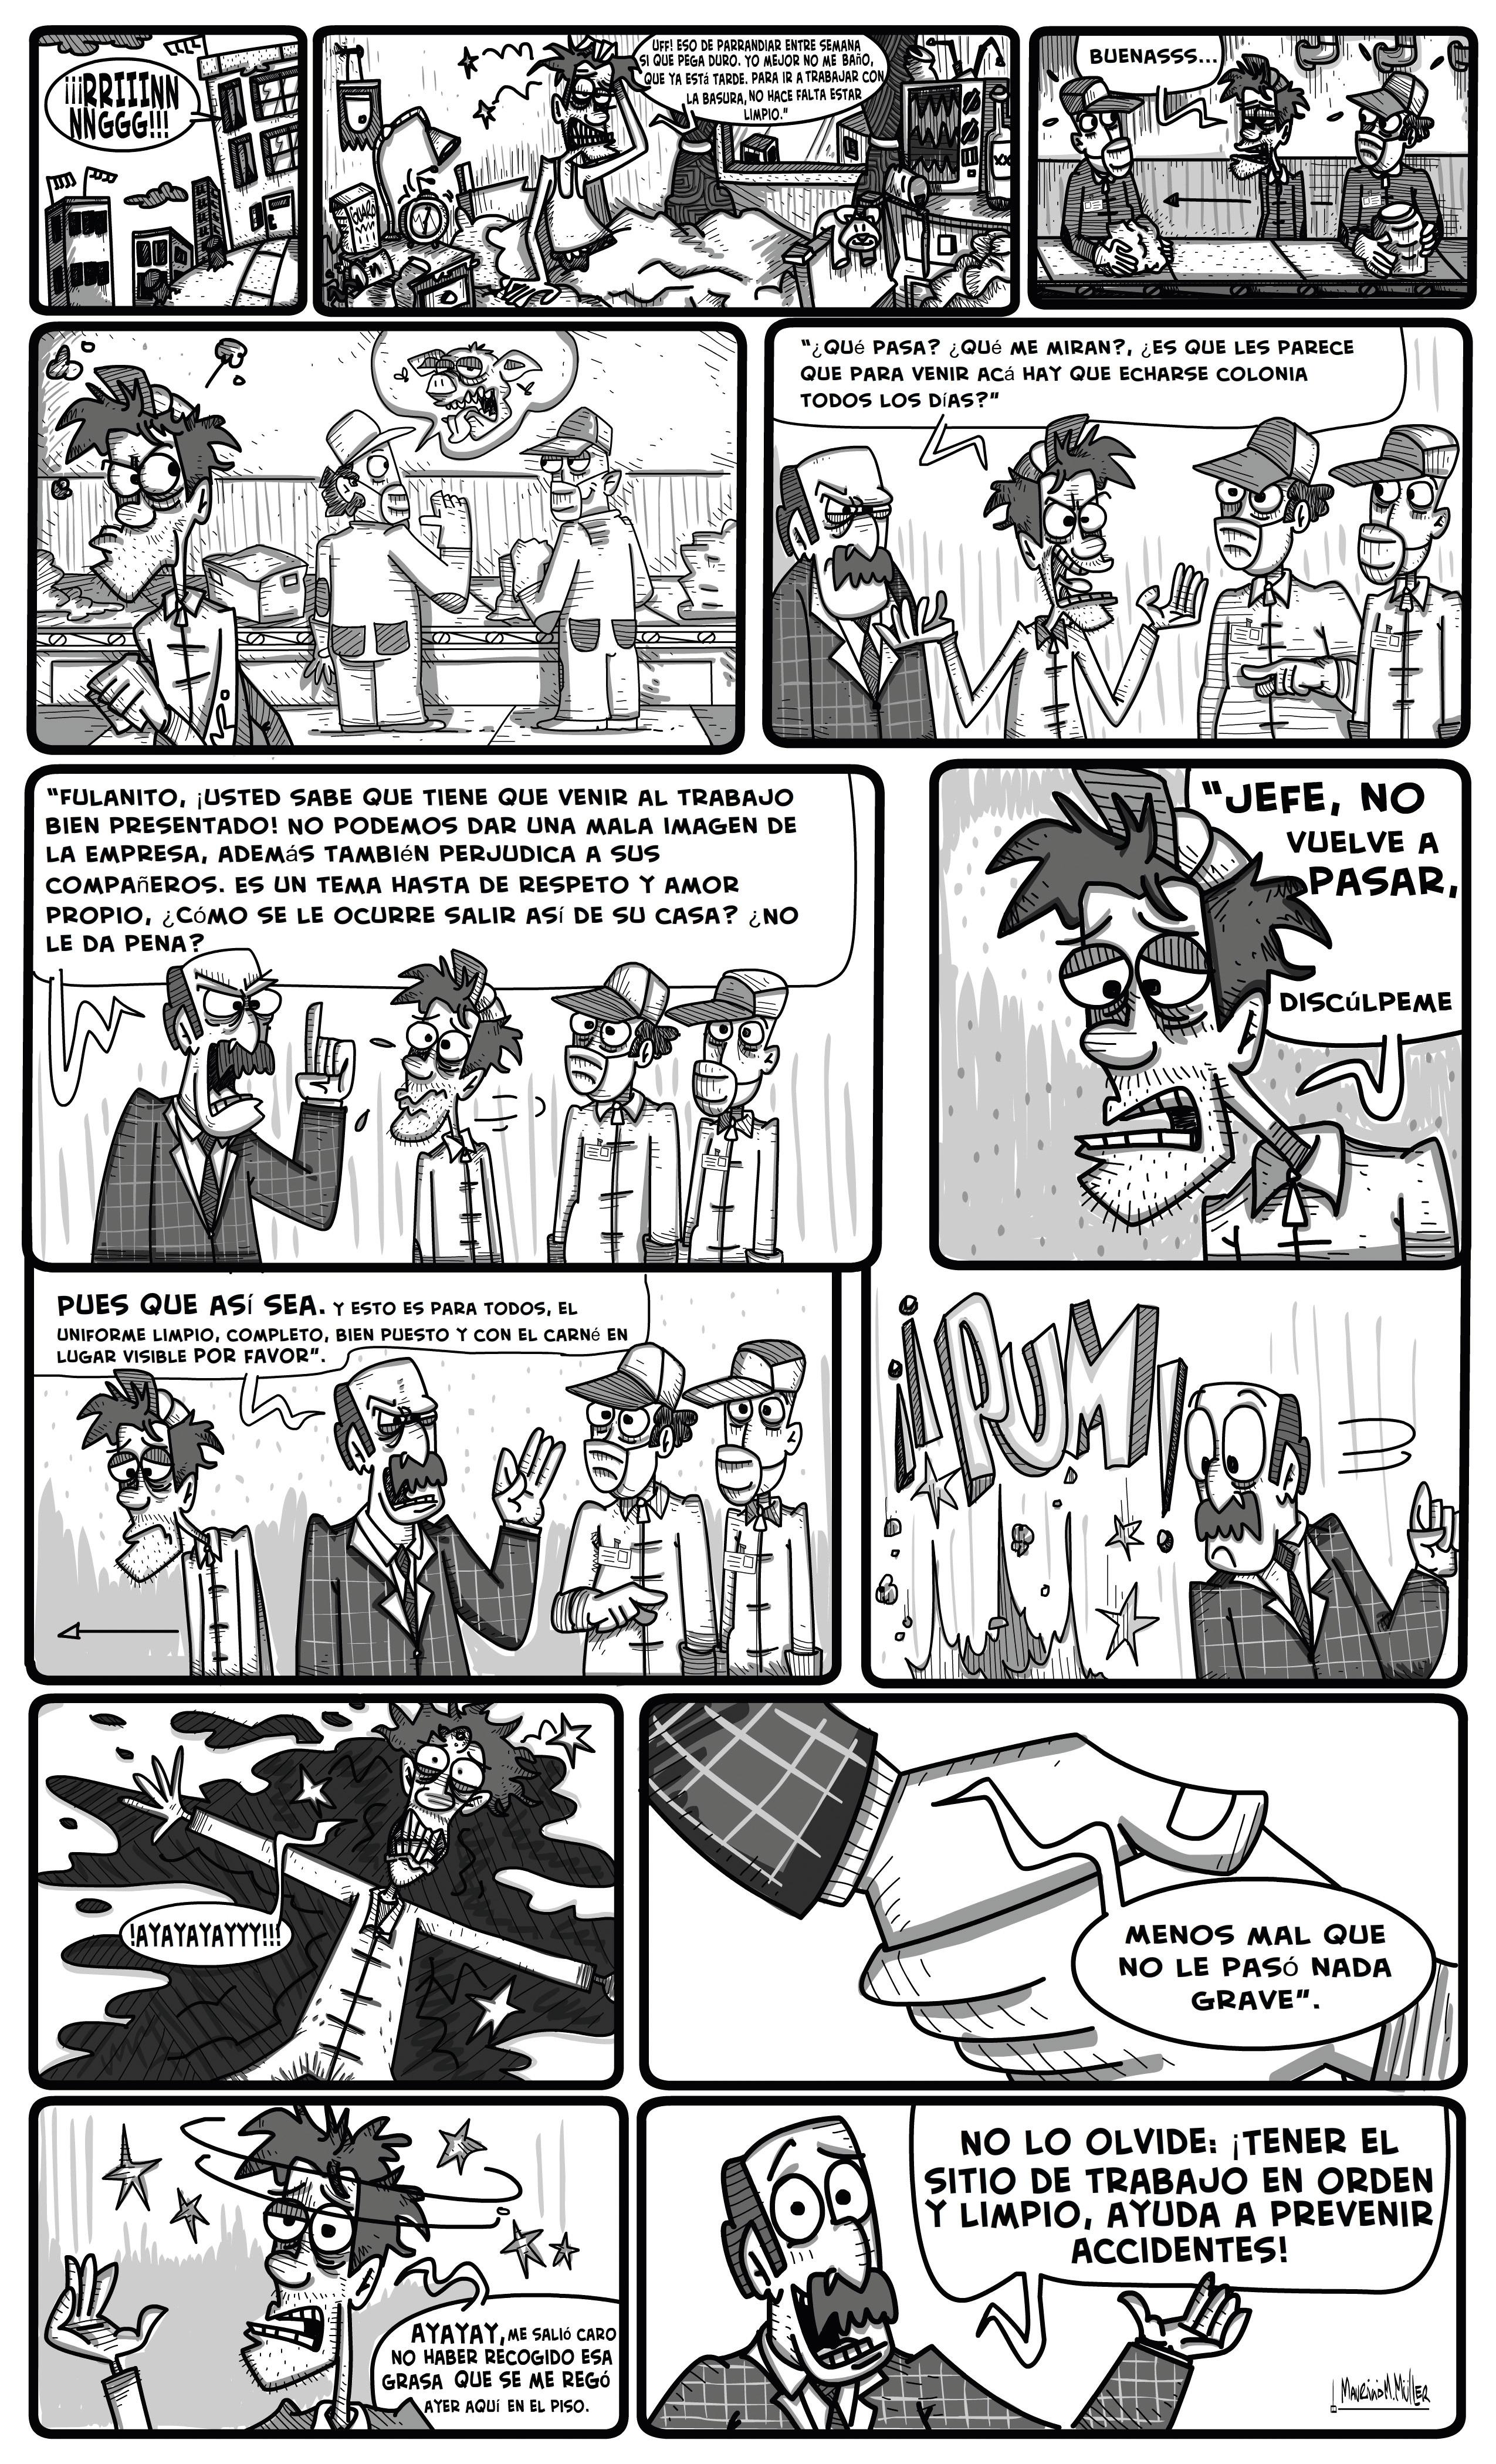 Boletín_Febrero